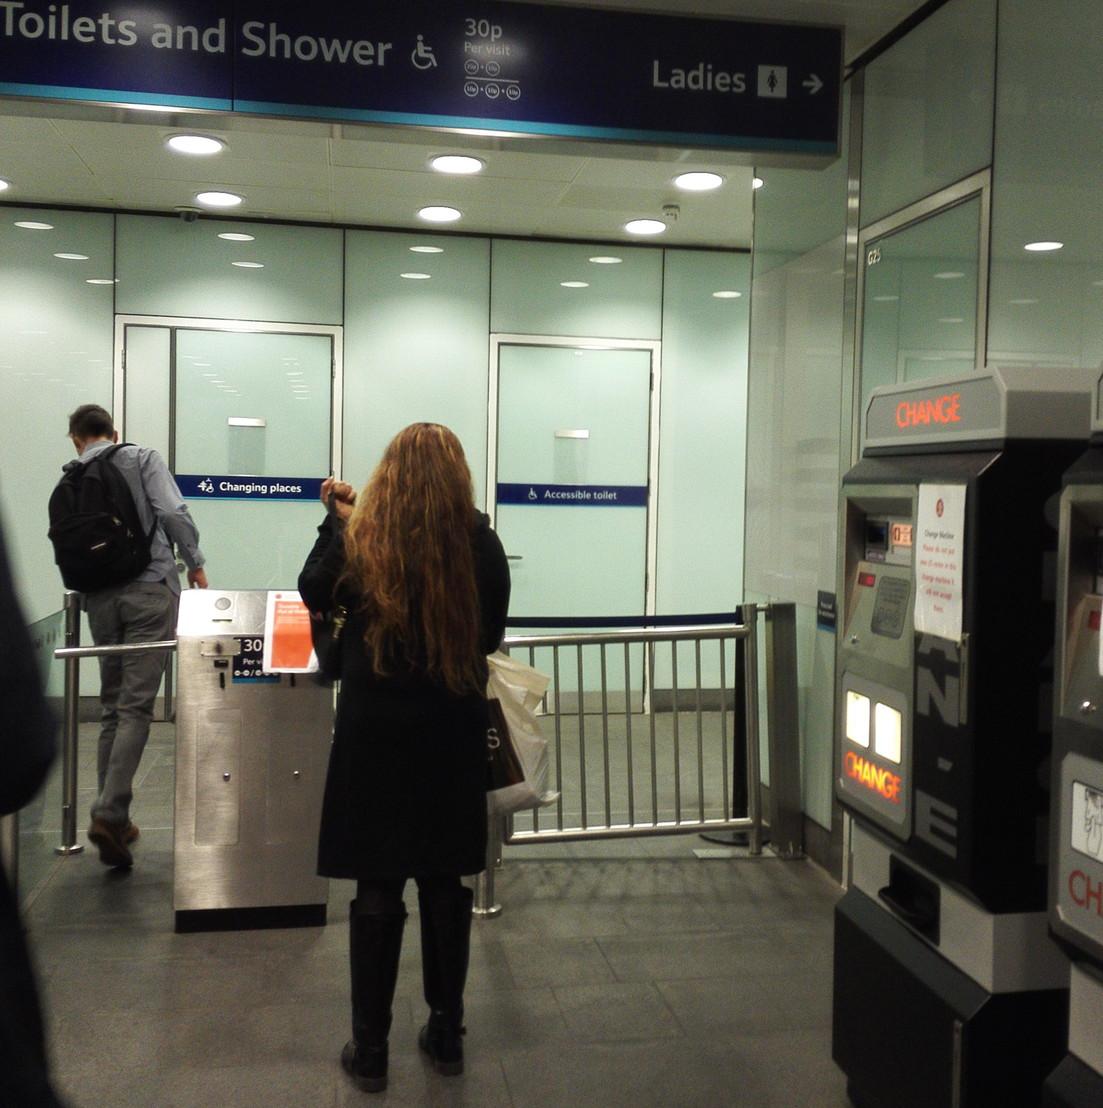 キングスクロス駅の有料トイレと両替の機械2台